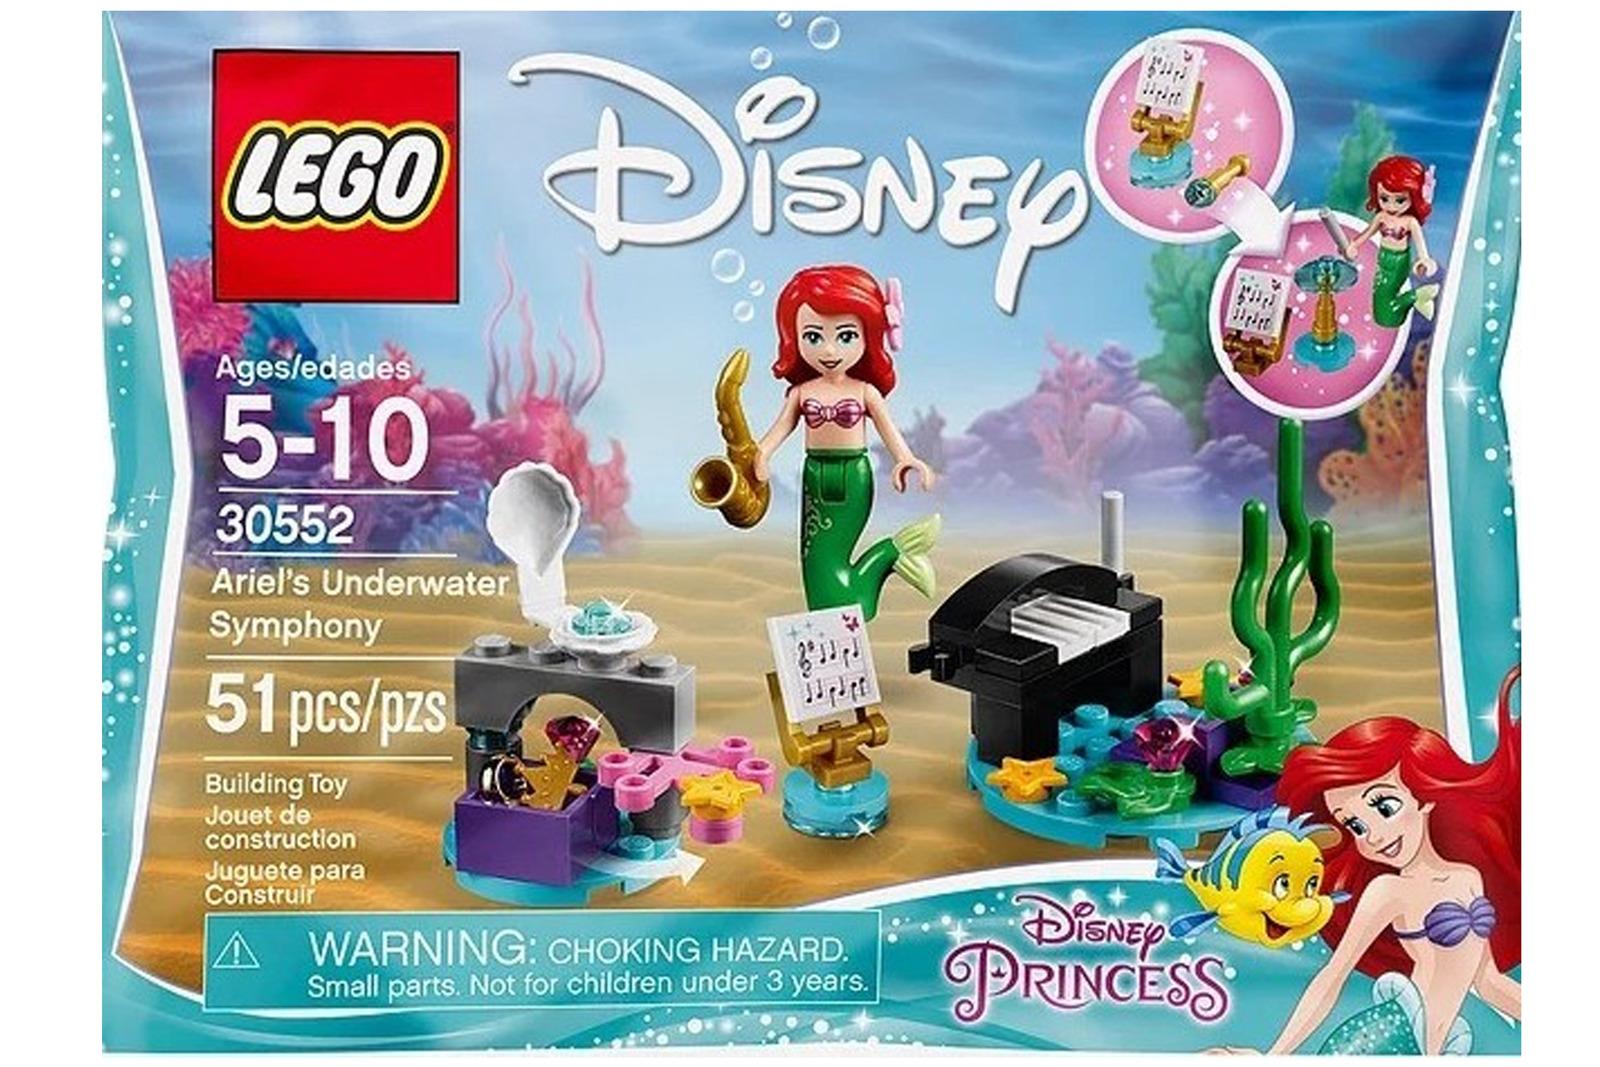 LEGO Disney Princess 30552 Ariel's Underwater Symphony